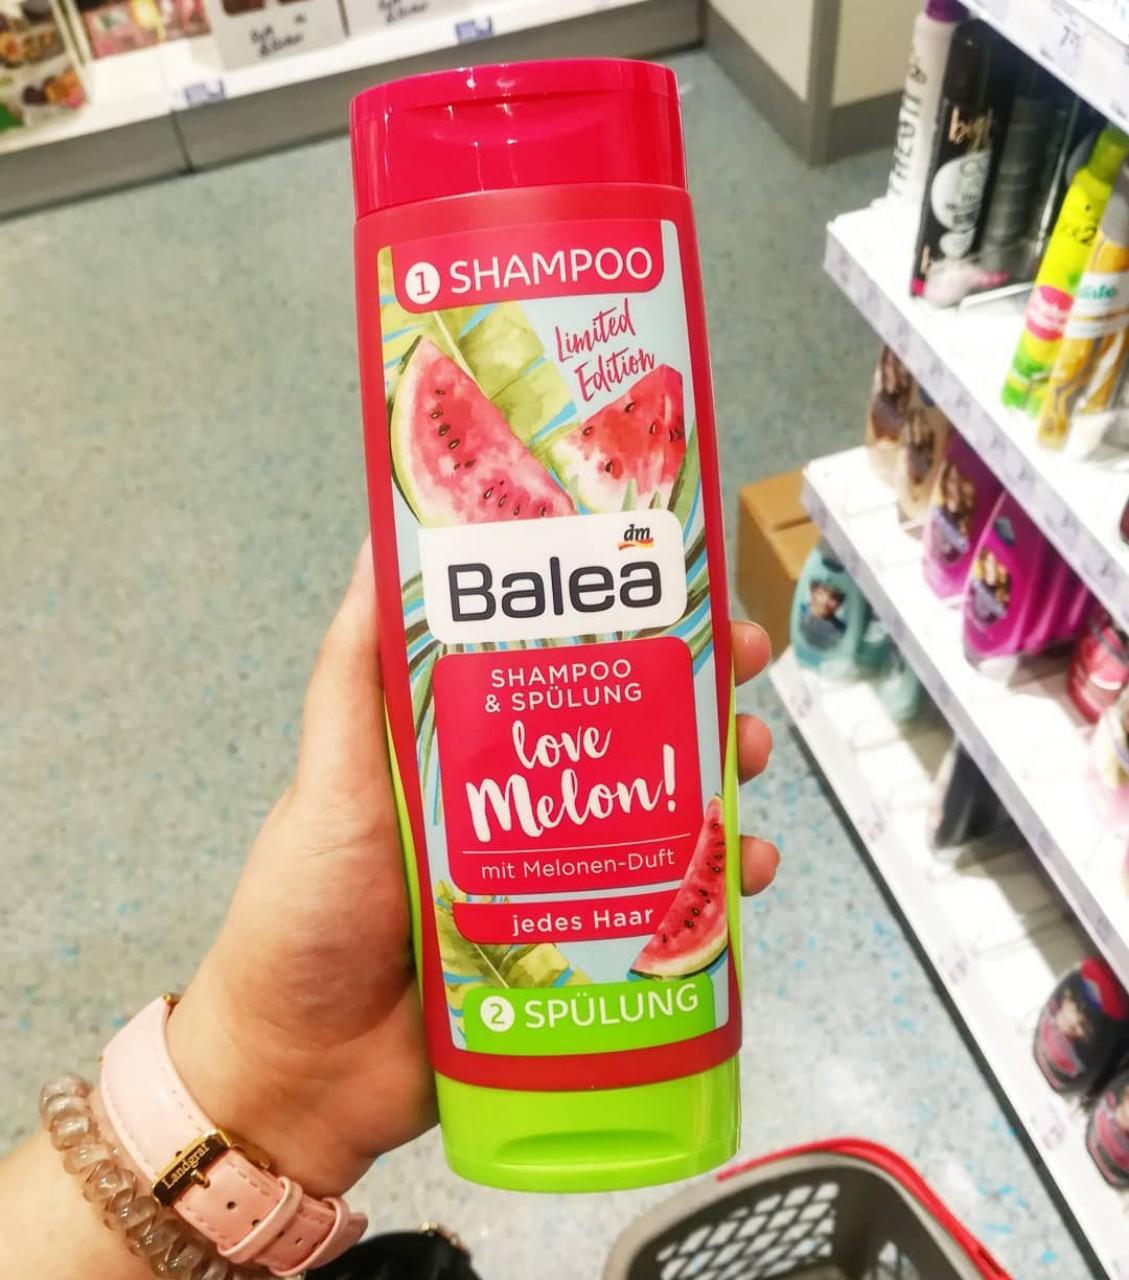 Dầu gội & dầu xả Balea 2in1 Love Melon!